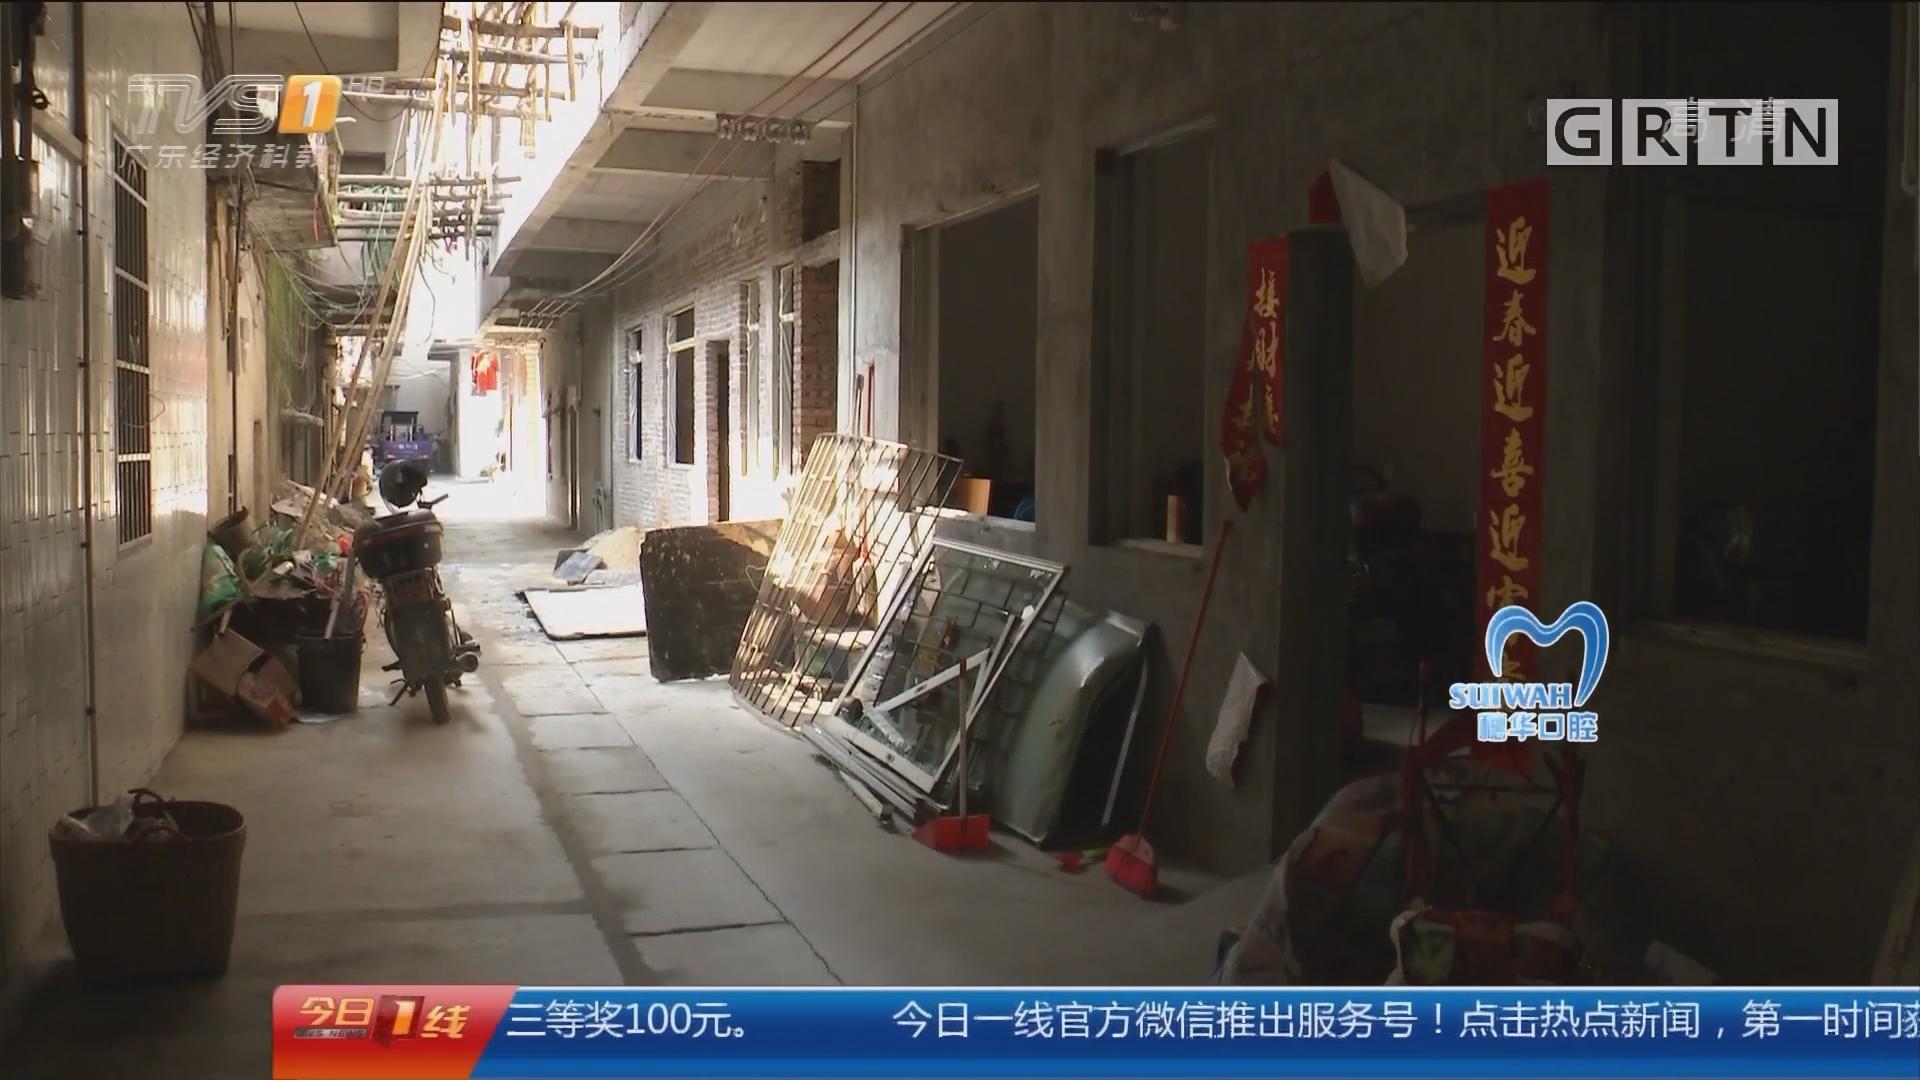 广州从化:居民楼煤气爆炸 一人严重烧伤入院